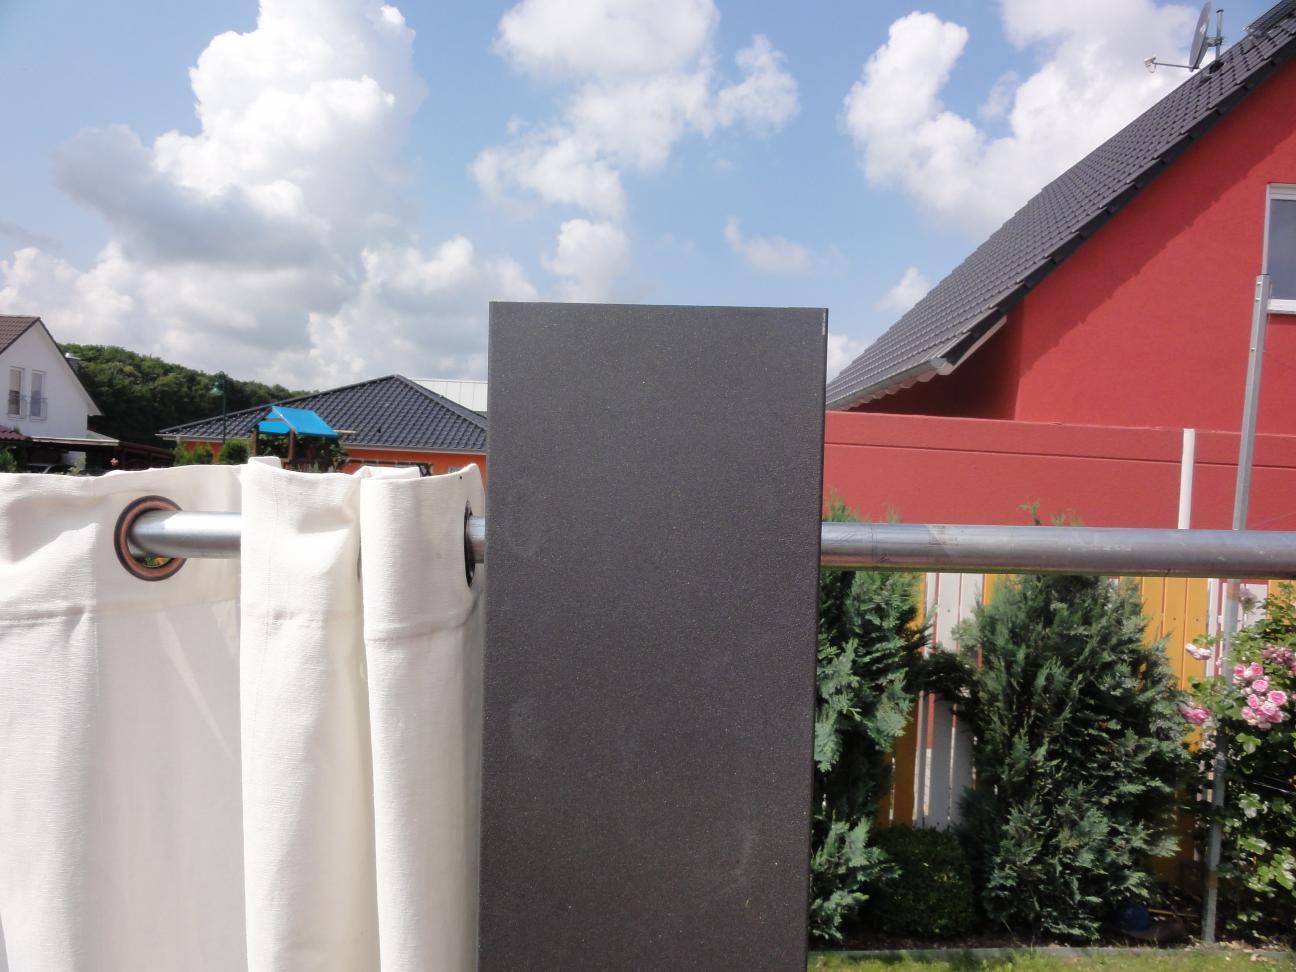 sichtschutz mittels ule 2 2 m x 0 2 x 0 2 m lackiert mit schutzfolie. Black Bedroom Furniture Sets. Home Design Ideas